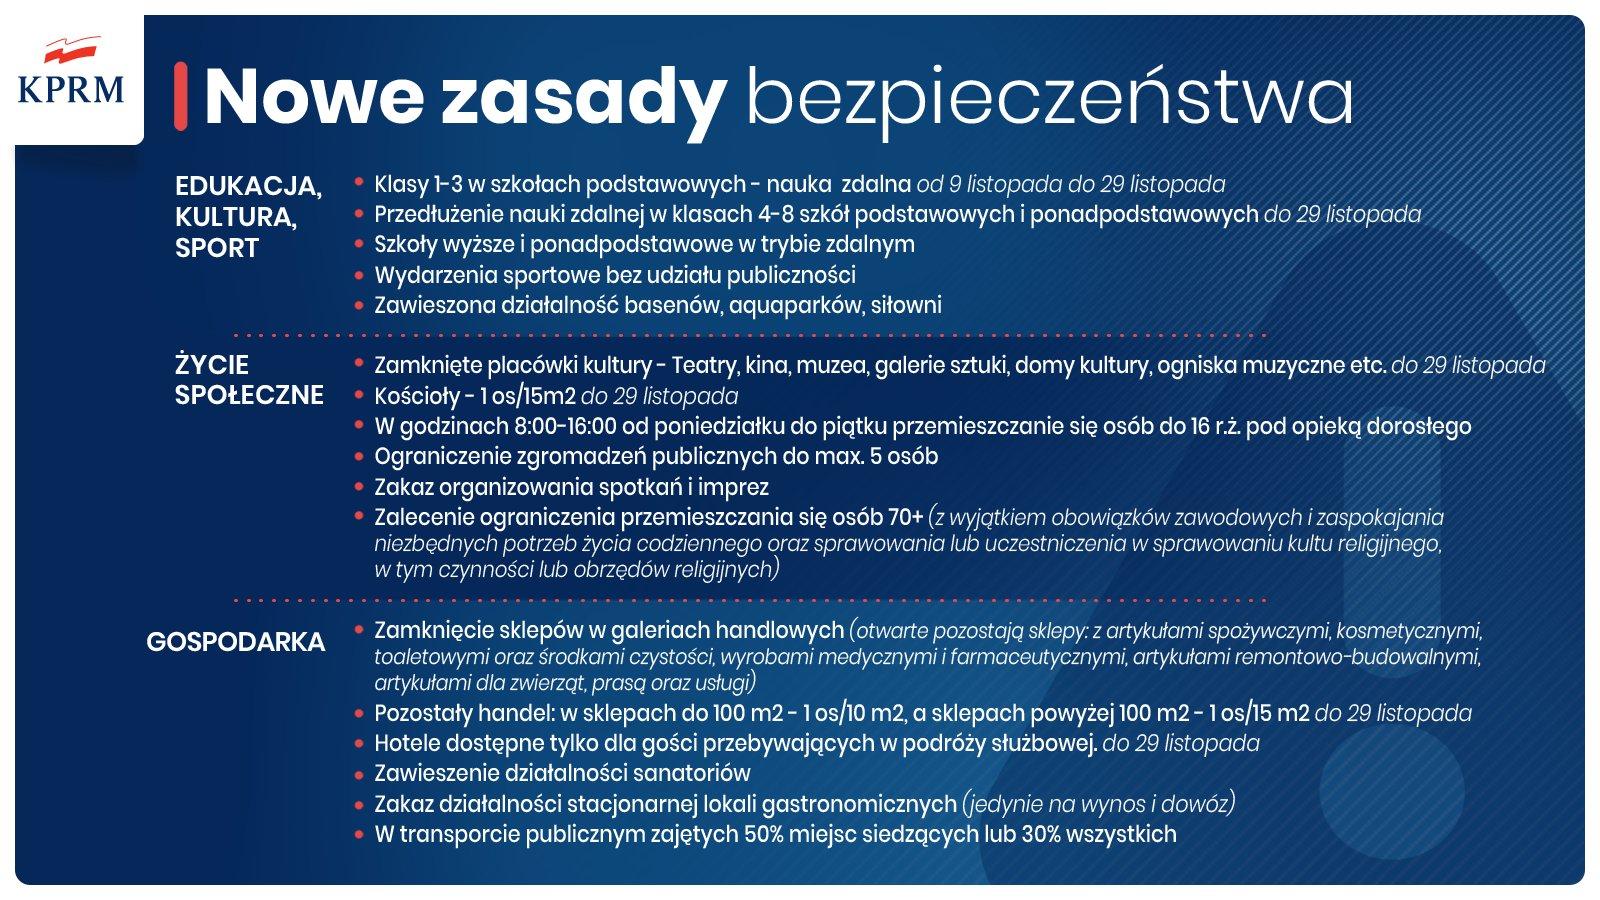 Nowe zasady bezpieczeństwa obowiązujące od 07.11.2020